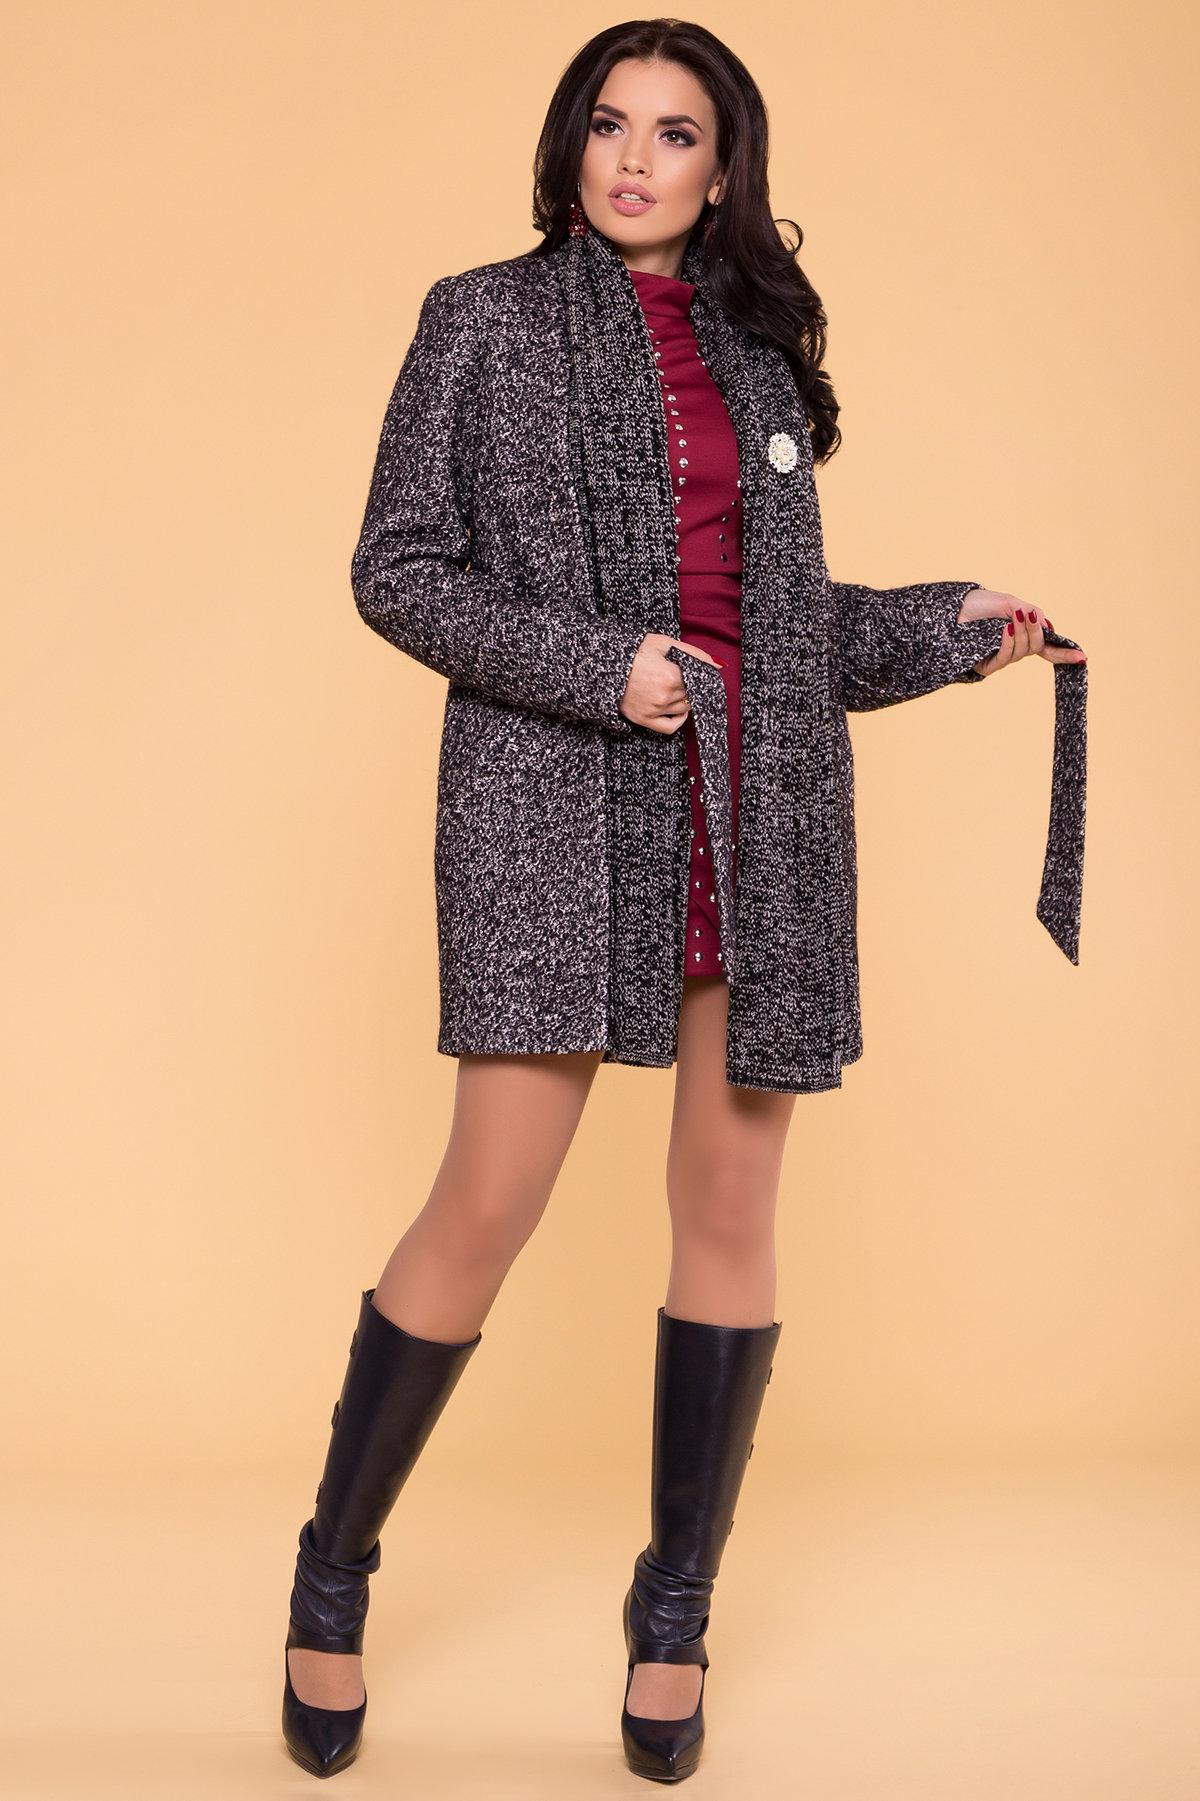 Пальто Капучино 1179   АРТ. 9274 Цвет: Черный/серый - фото 3, интернет магазин tm-modus.ru